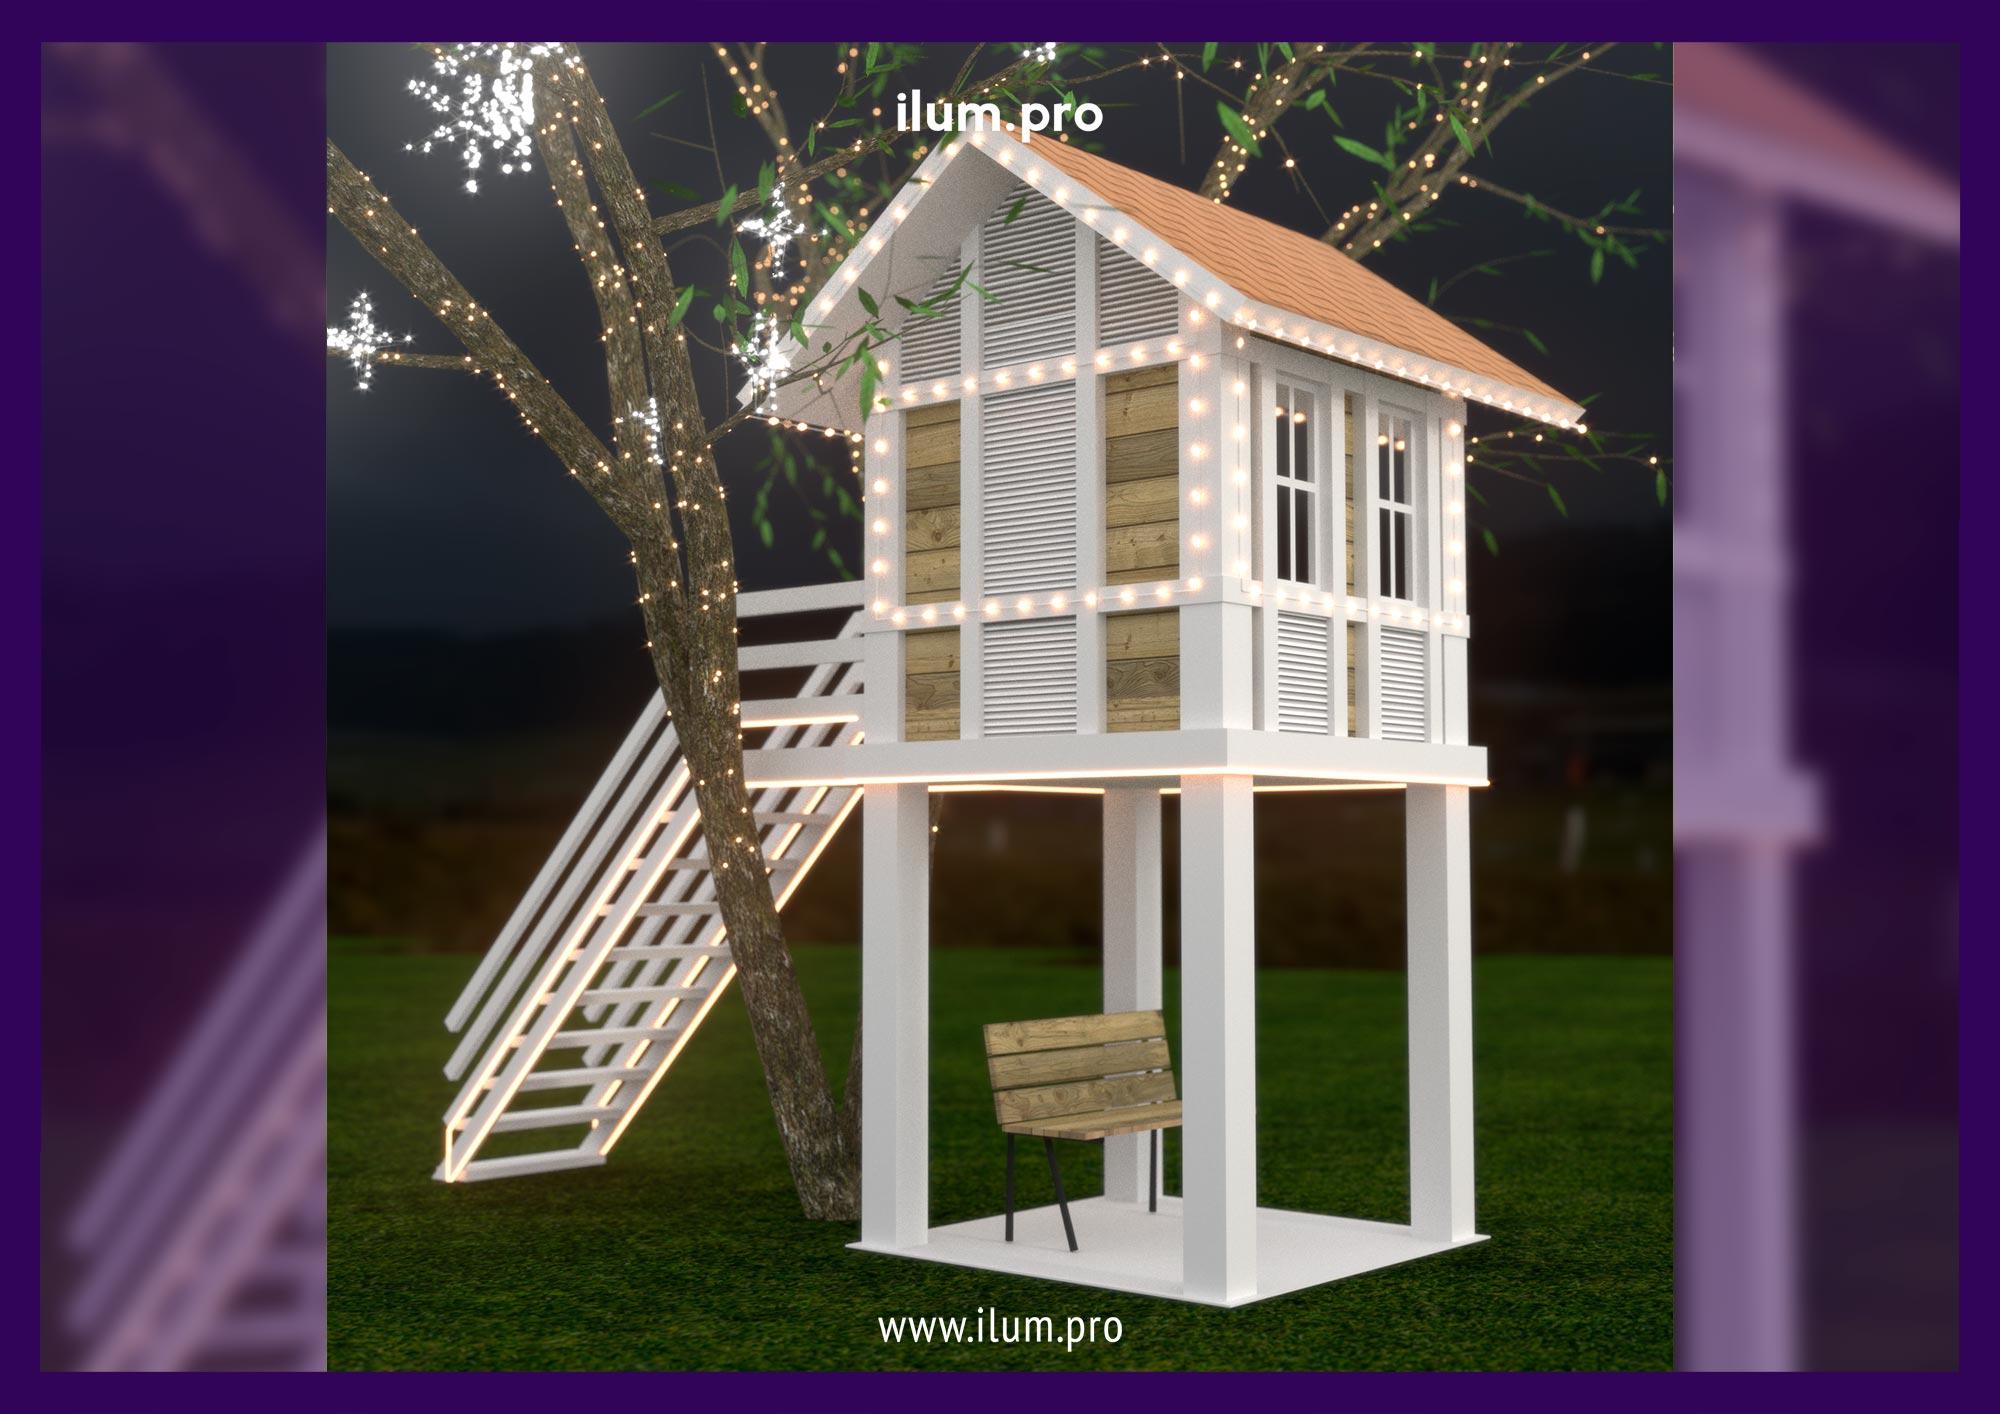 Проект подсветки крыши и фасада домика на дереве гирляндами белтлайт